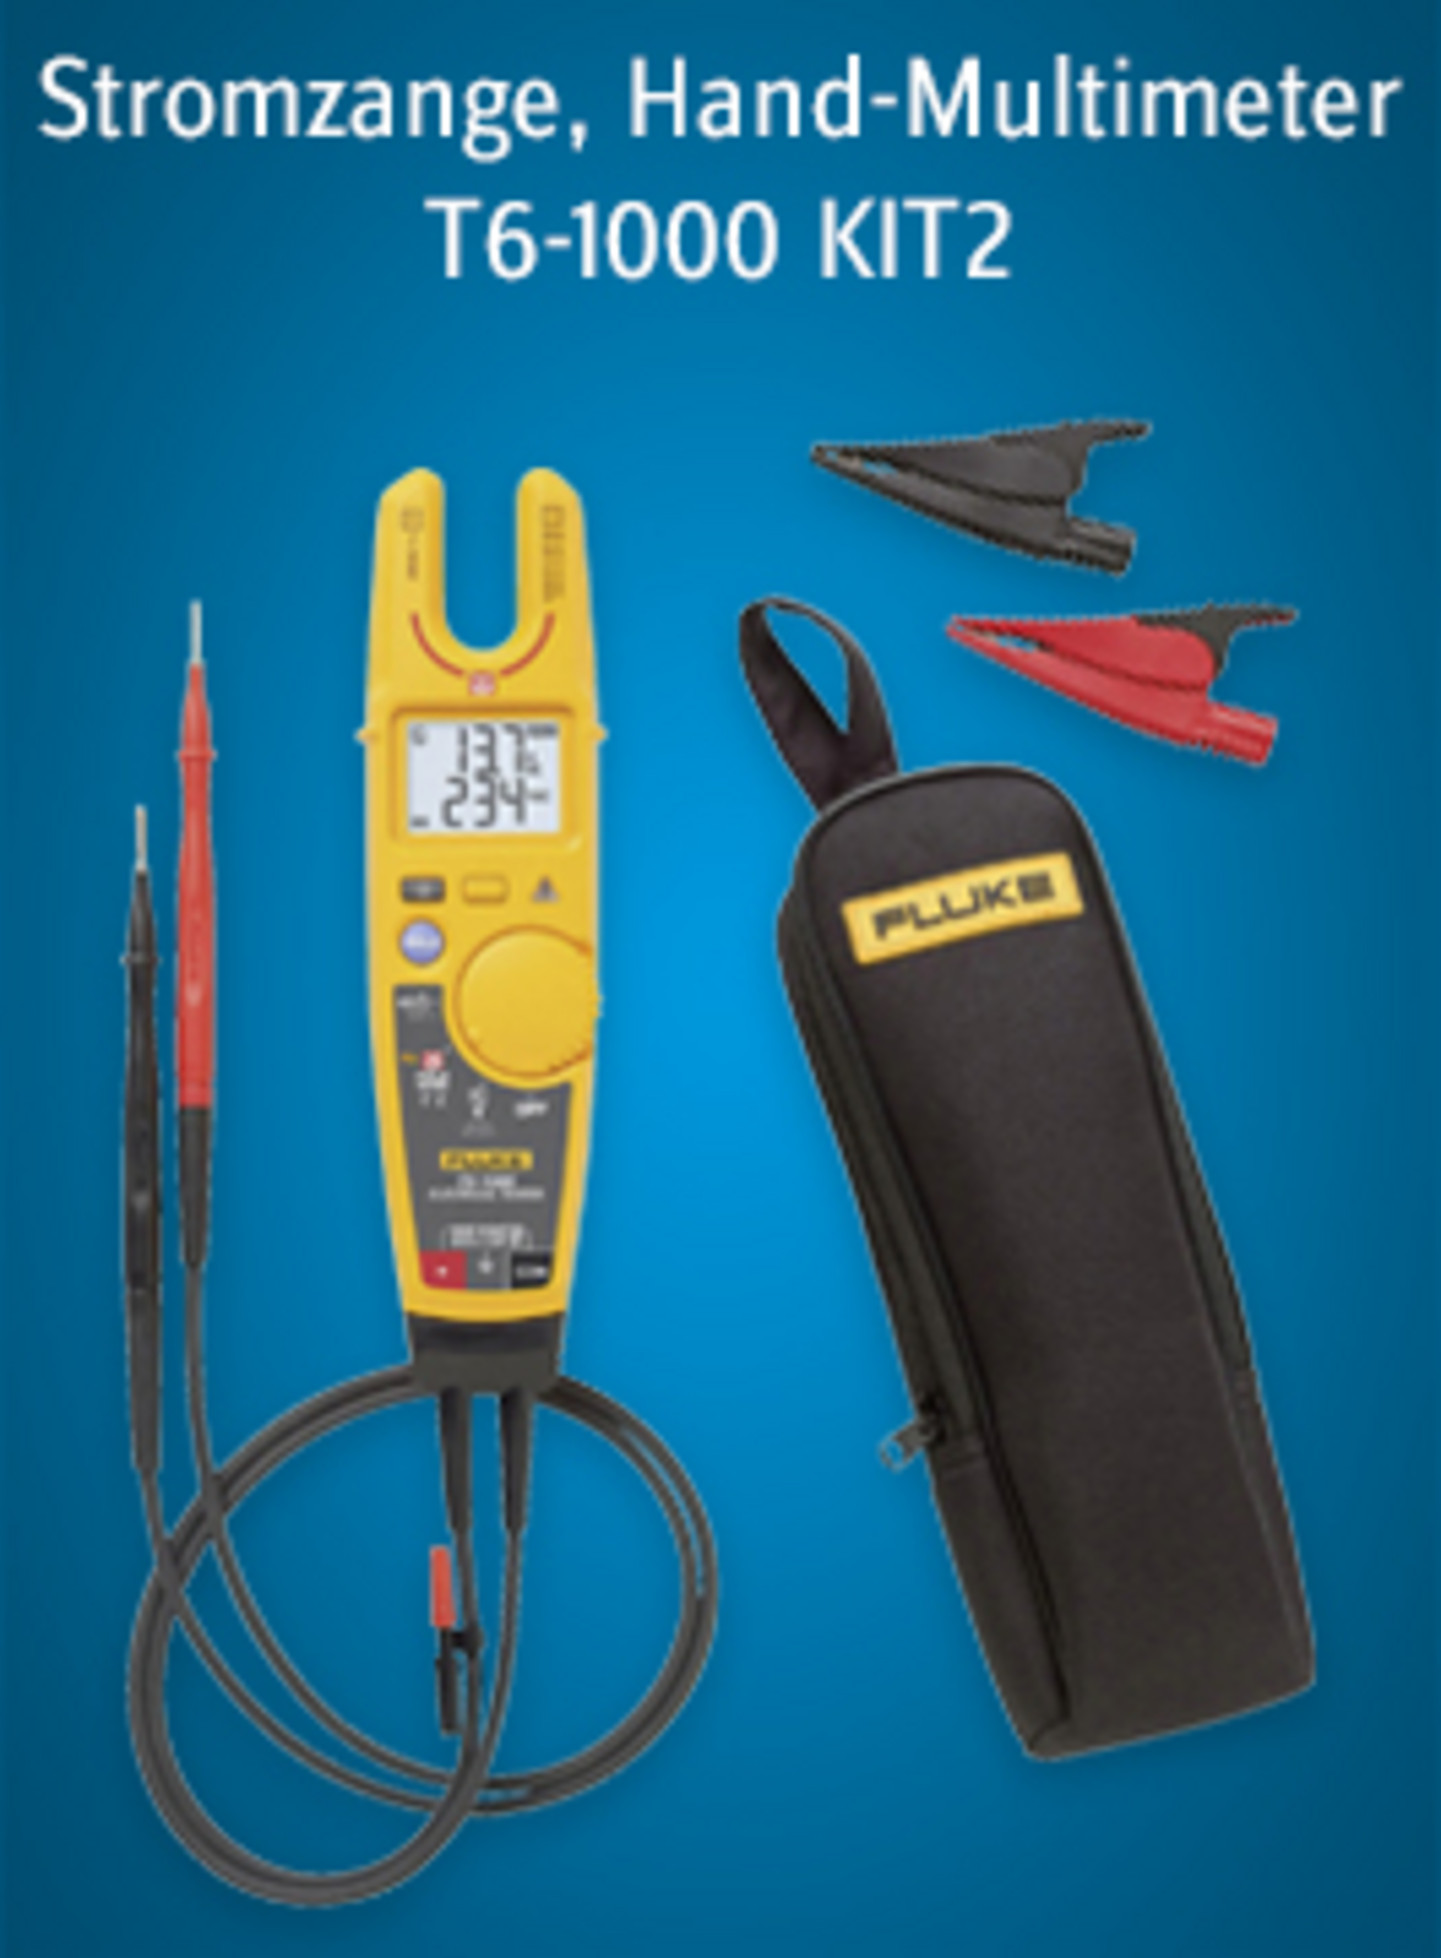 Fluke Stromzange Hand-Multimeter